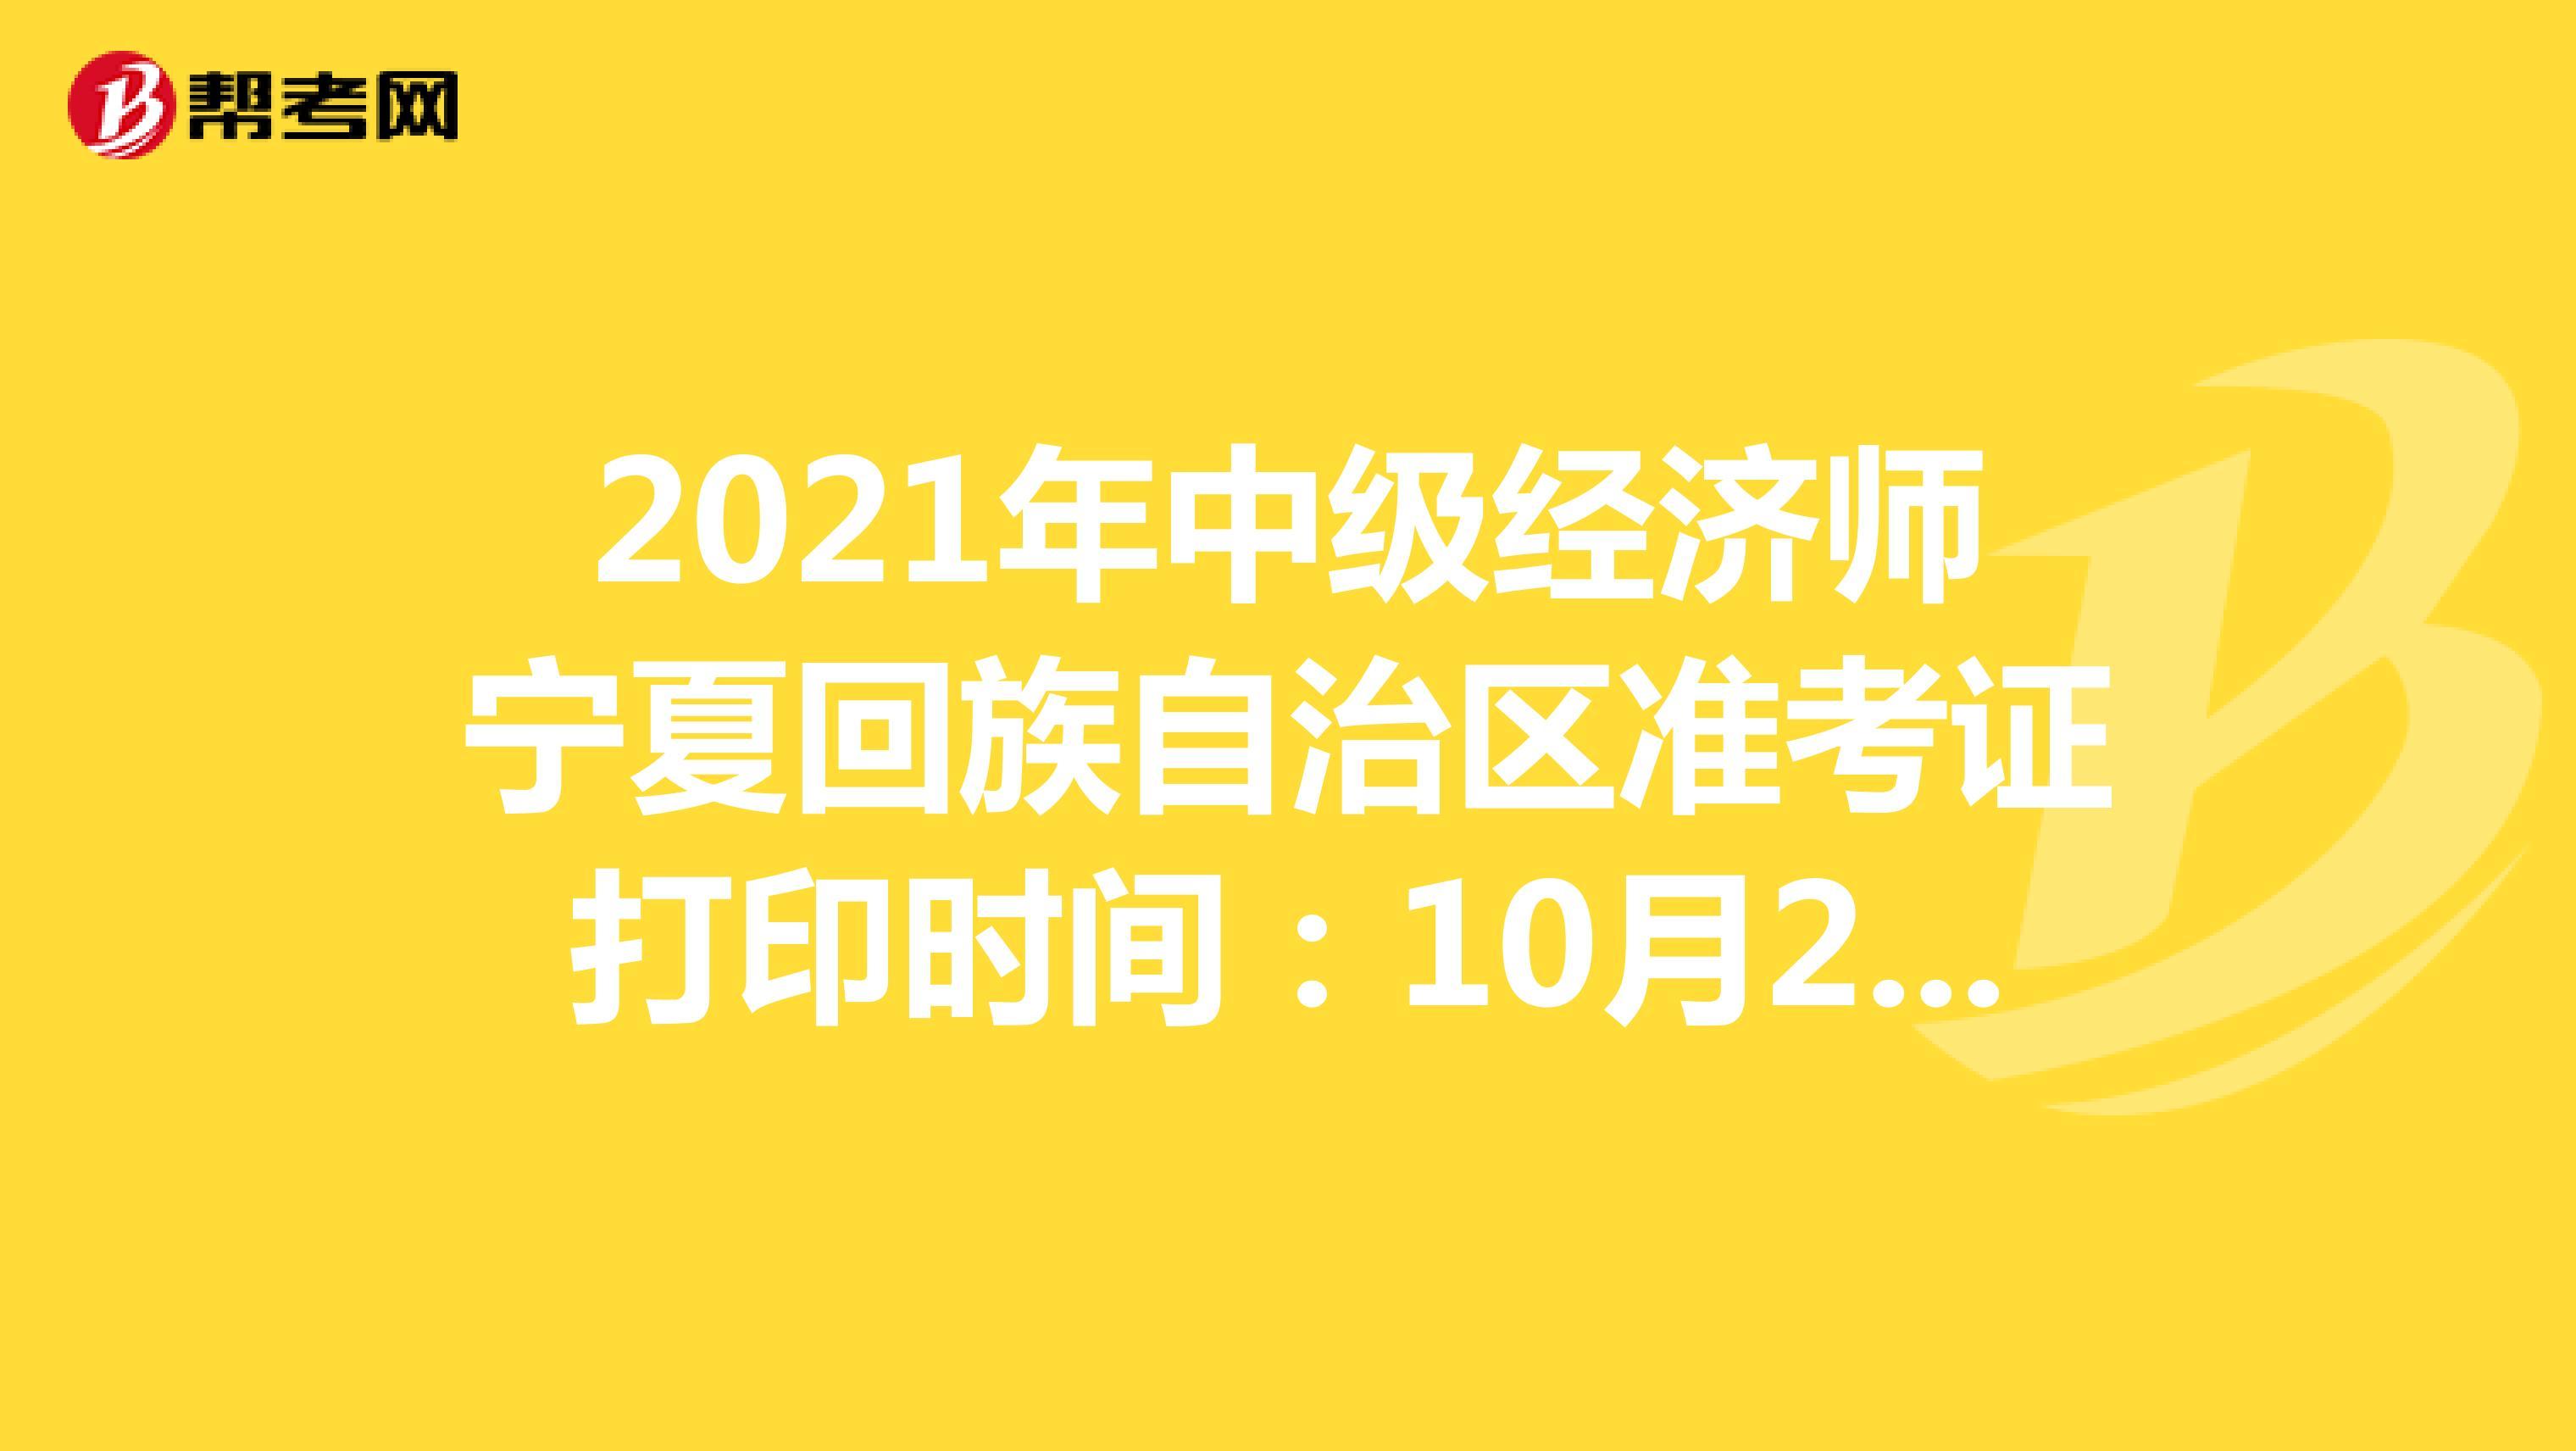 2021年(hot88电竞官网)中级经济师宁夏回族自治区准考证打印时间:10月25日-29日!